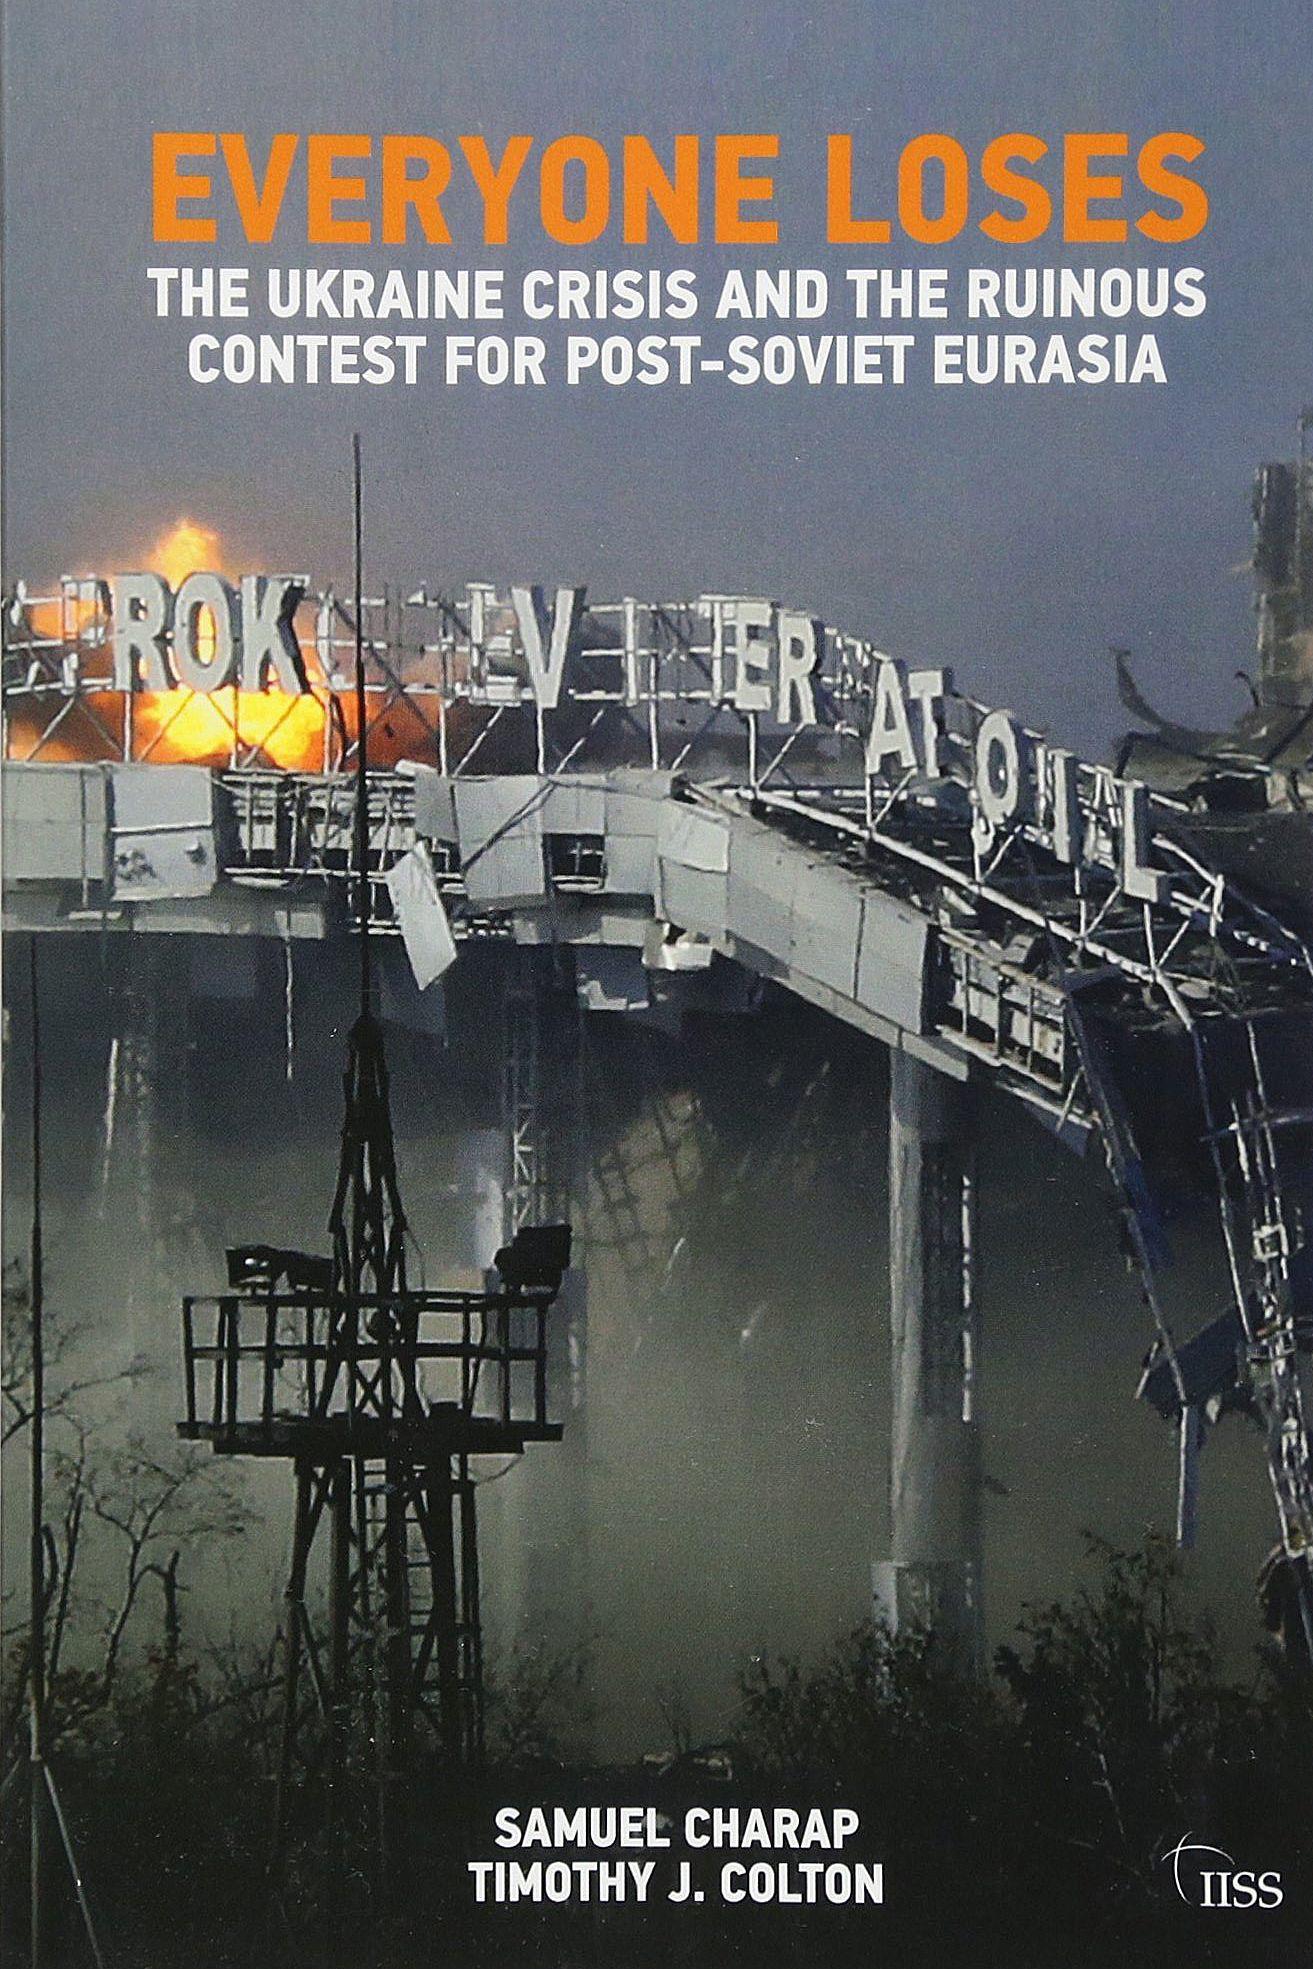 Обложка книги Тимоти Колтона и Самюэля Чарапа «Победителей нет. украинский кризис и разрушительная борьба за постсоветскую Евразию»